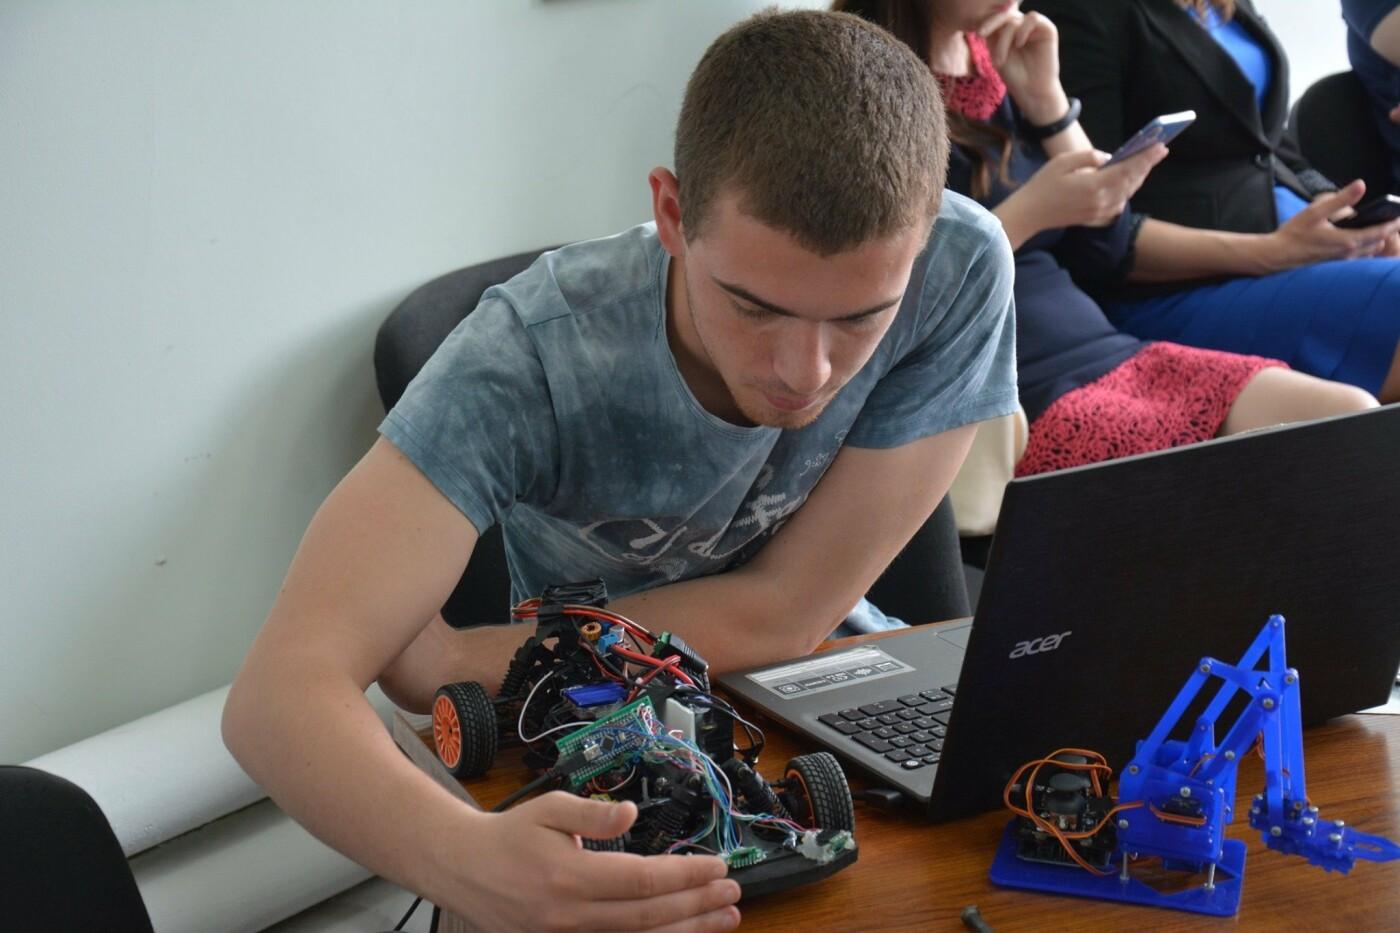 Запорожские студенты разрабатывают роботов, создают виртуальную реальность и делают Smart-зеркала, фото-2